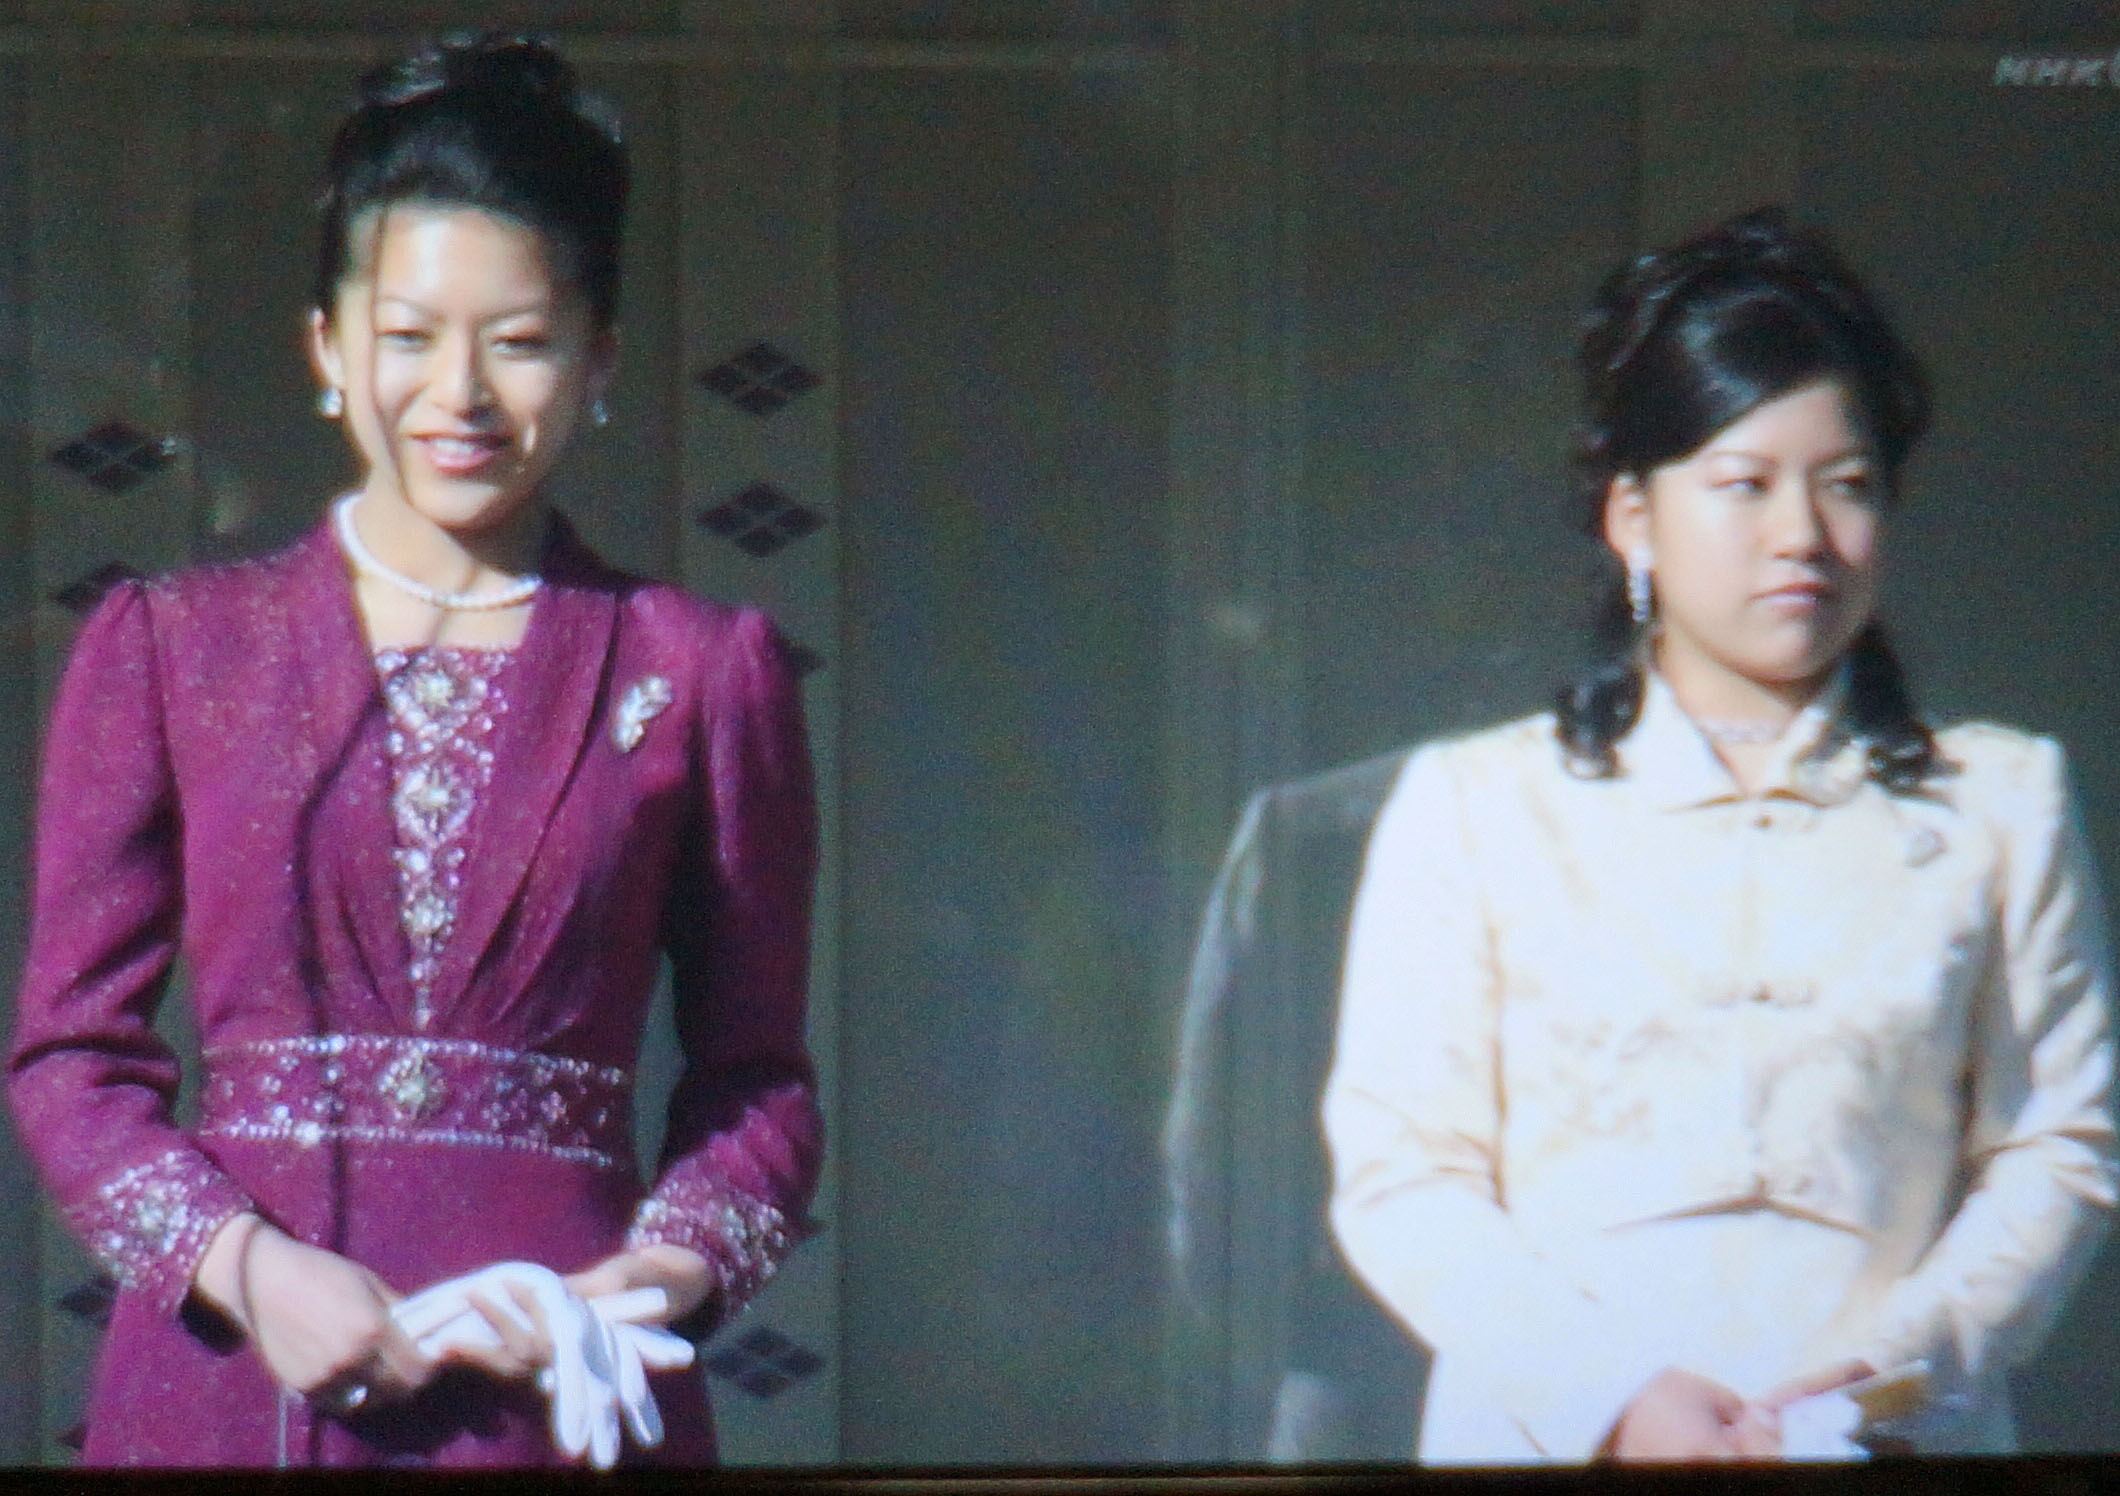 【皇太子夫妻にまつわる怖い話】第二百二十三話YouTube動画>2本 ニコニコ動画>1本 ->画像>455枚